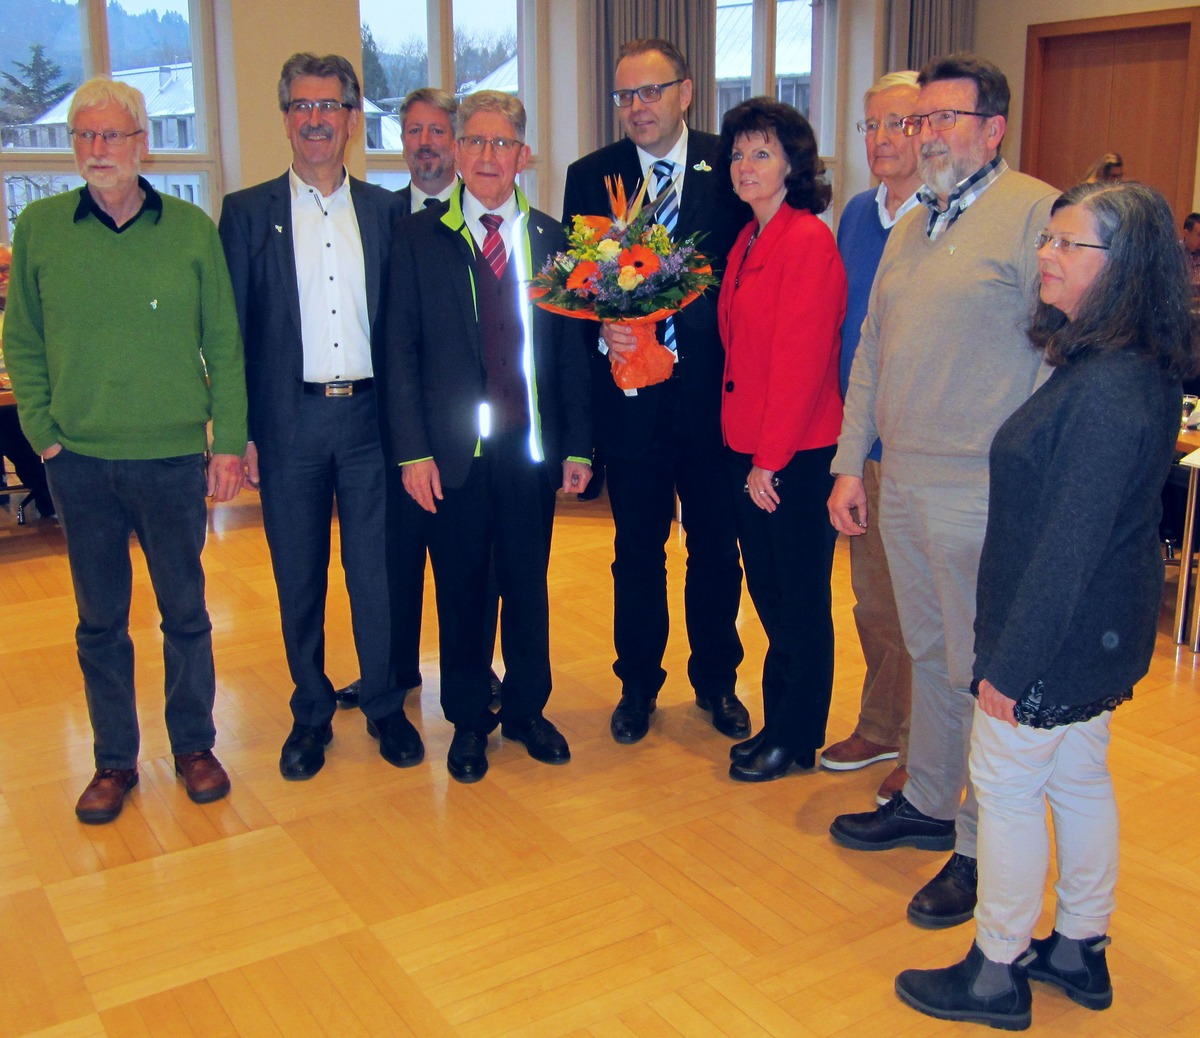 Gruppenbild mit den Fraktionsvorsitzender nach der Wahl im Gemeinderat